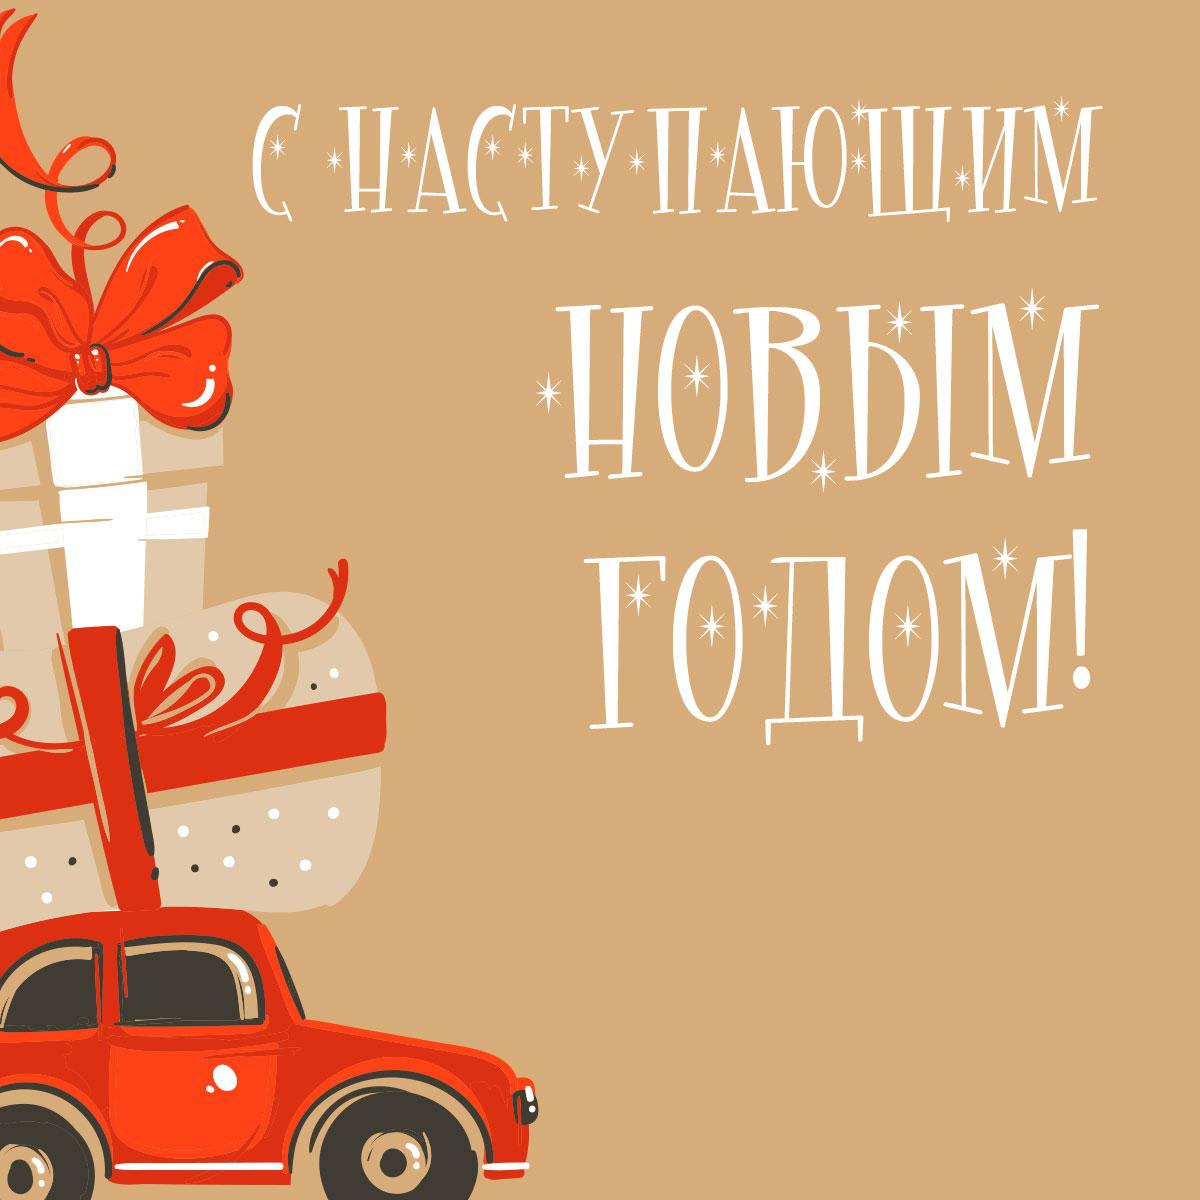 Картинка с текстом поздравления с наступающим новым годом и красной машинкой с коробками подарков на крыше.